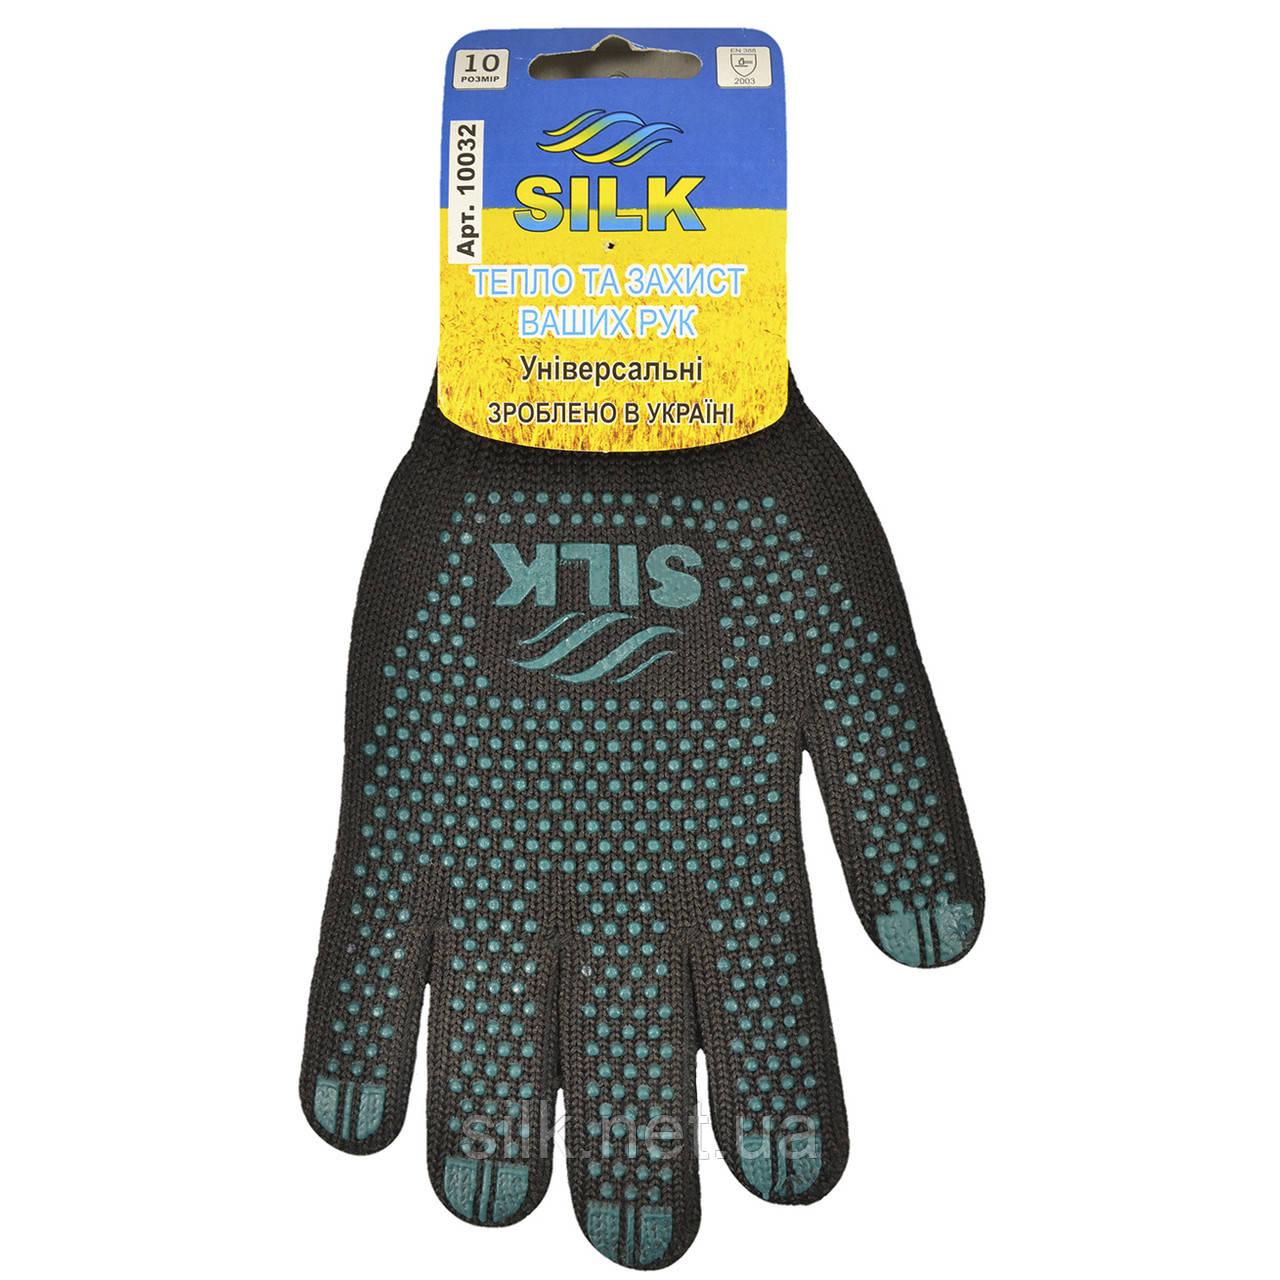 Трикотажні рукавиці з ПВХ Silk 10032з